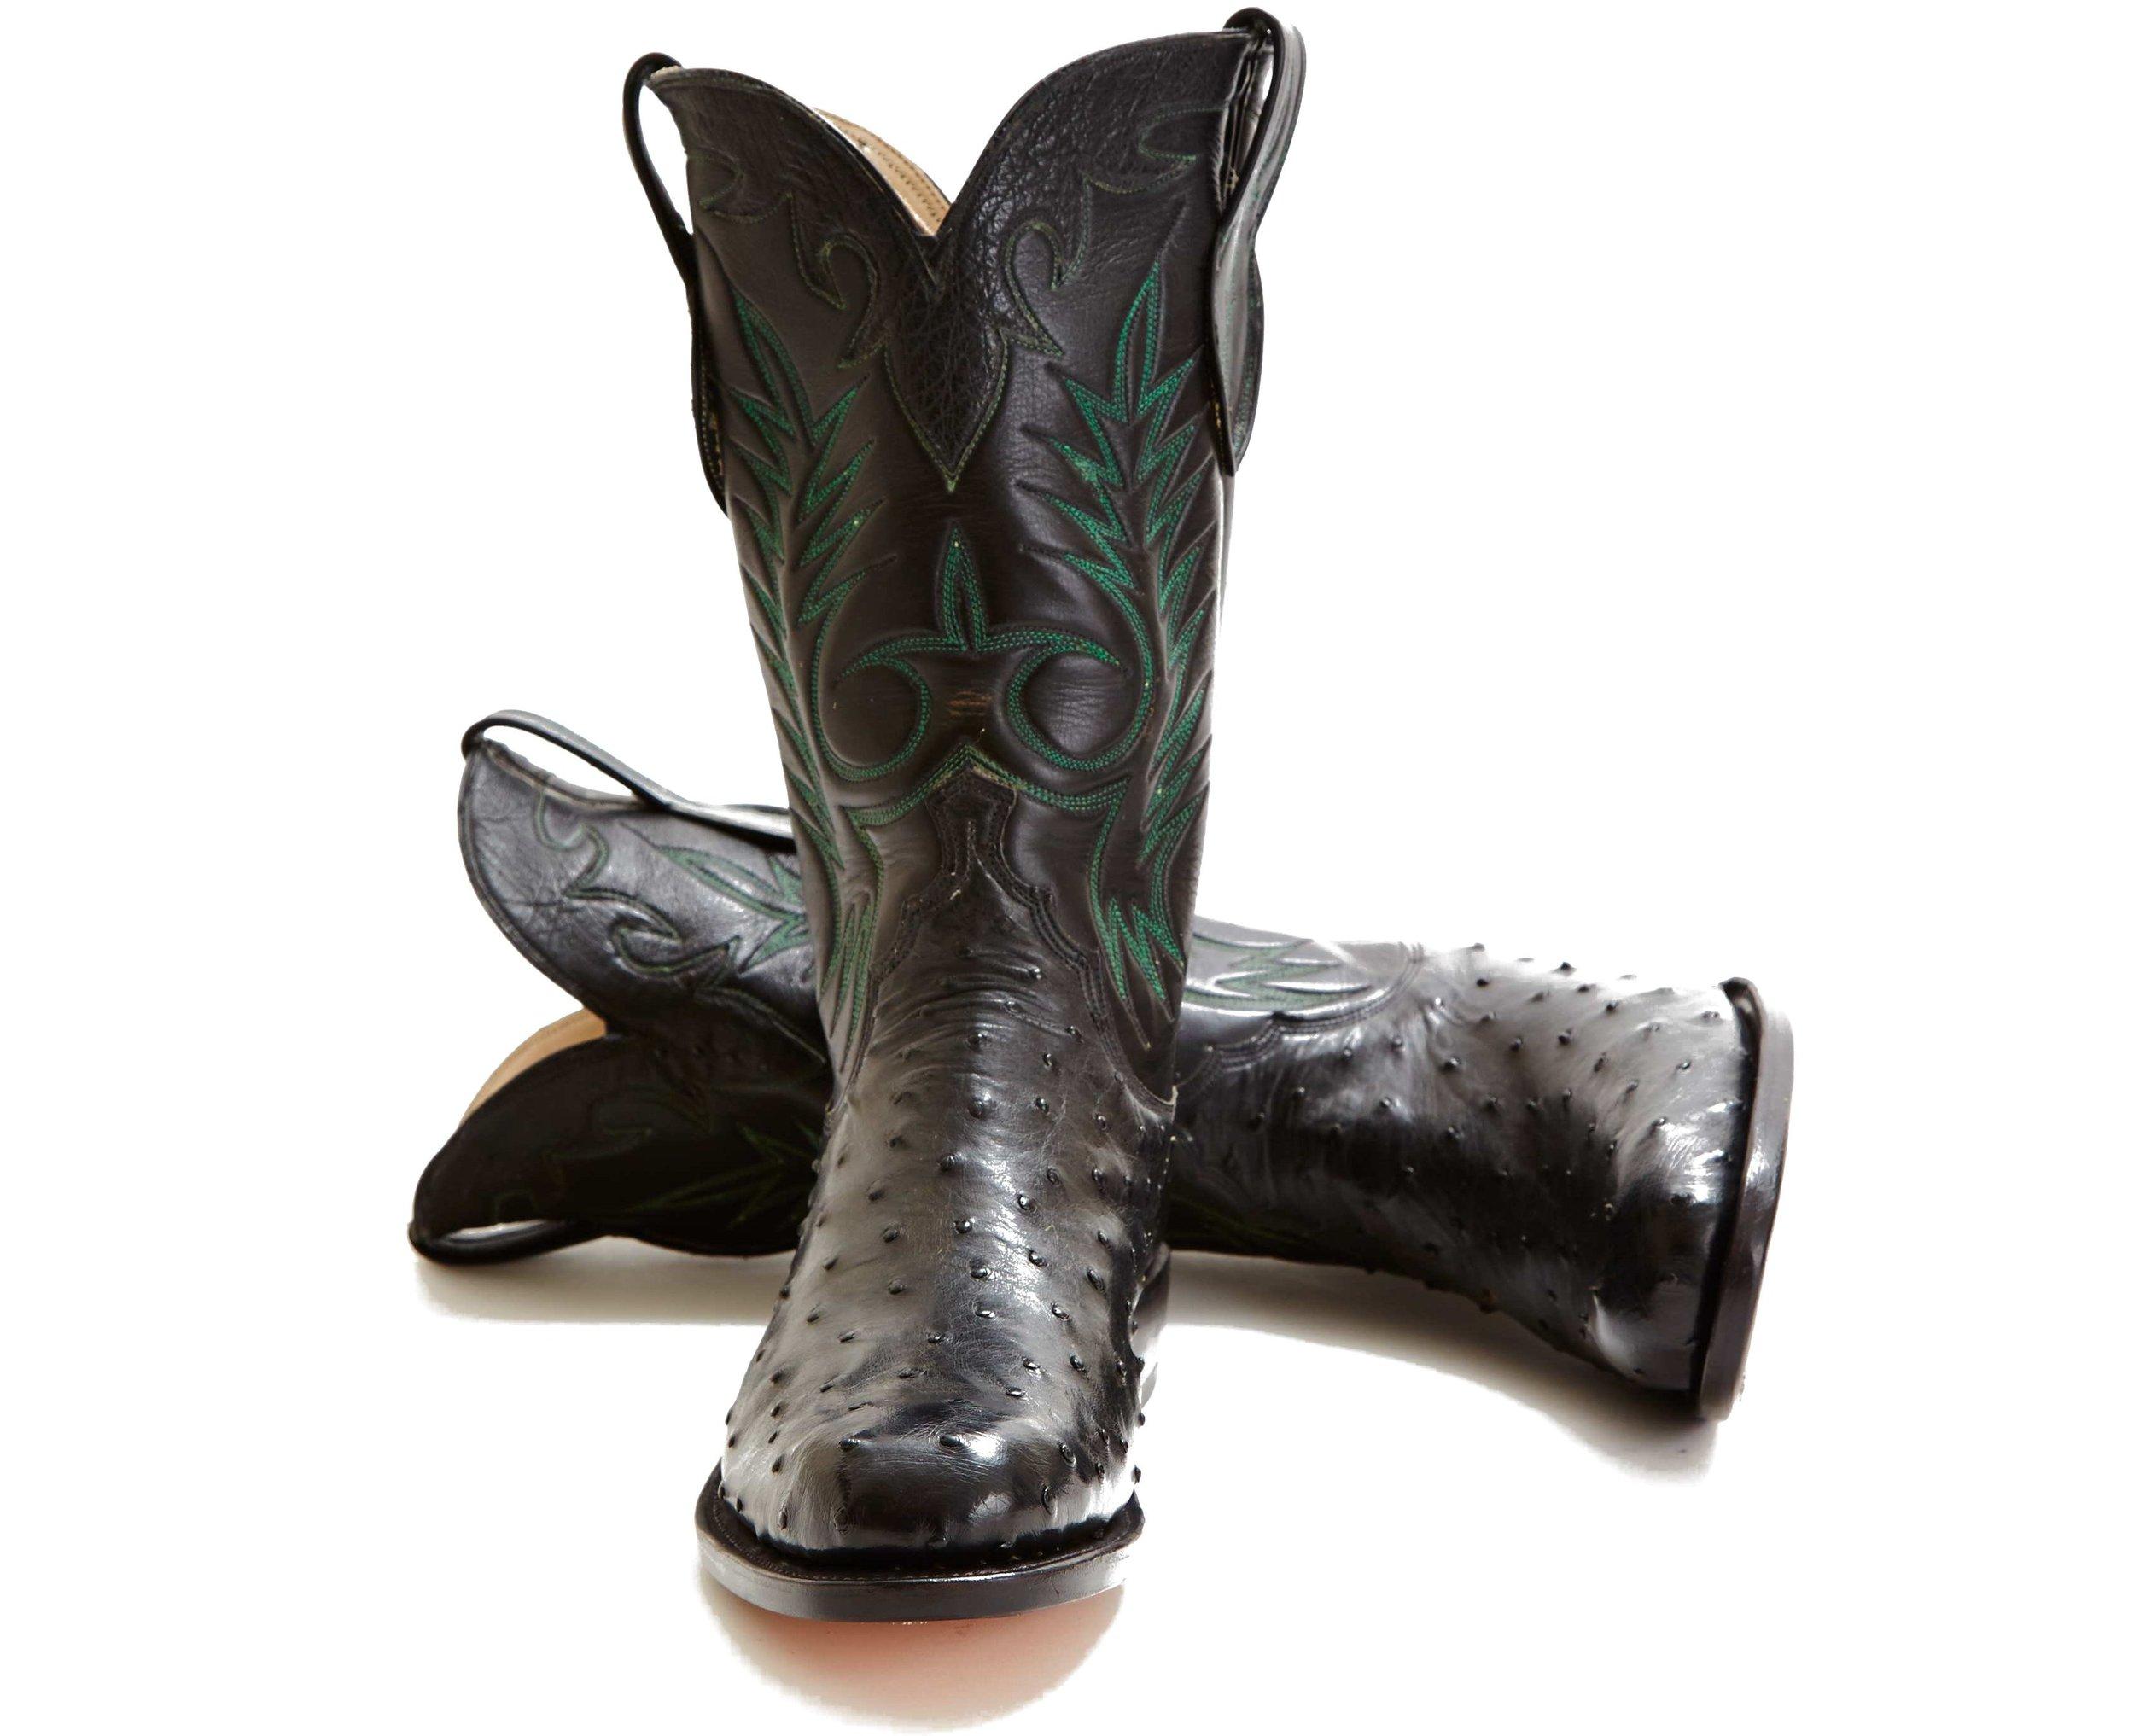 Leverett Boots 6666 West Amarillo Blvd.